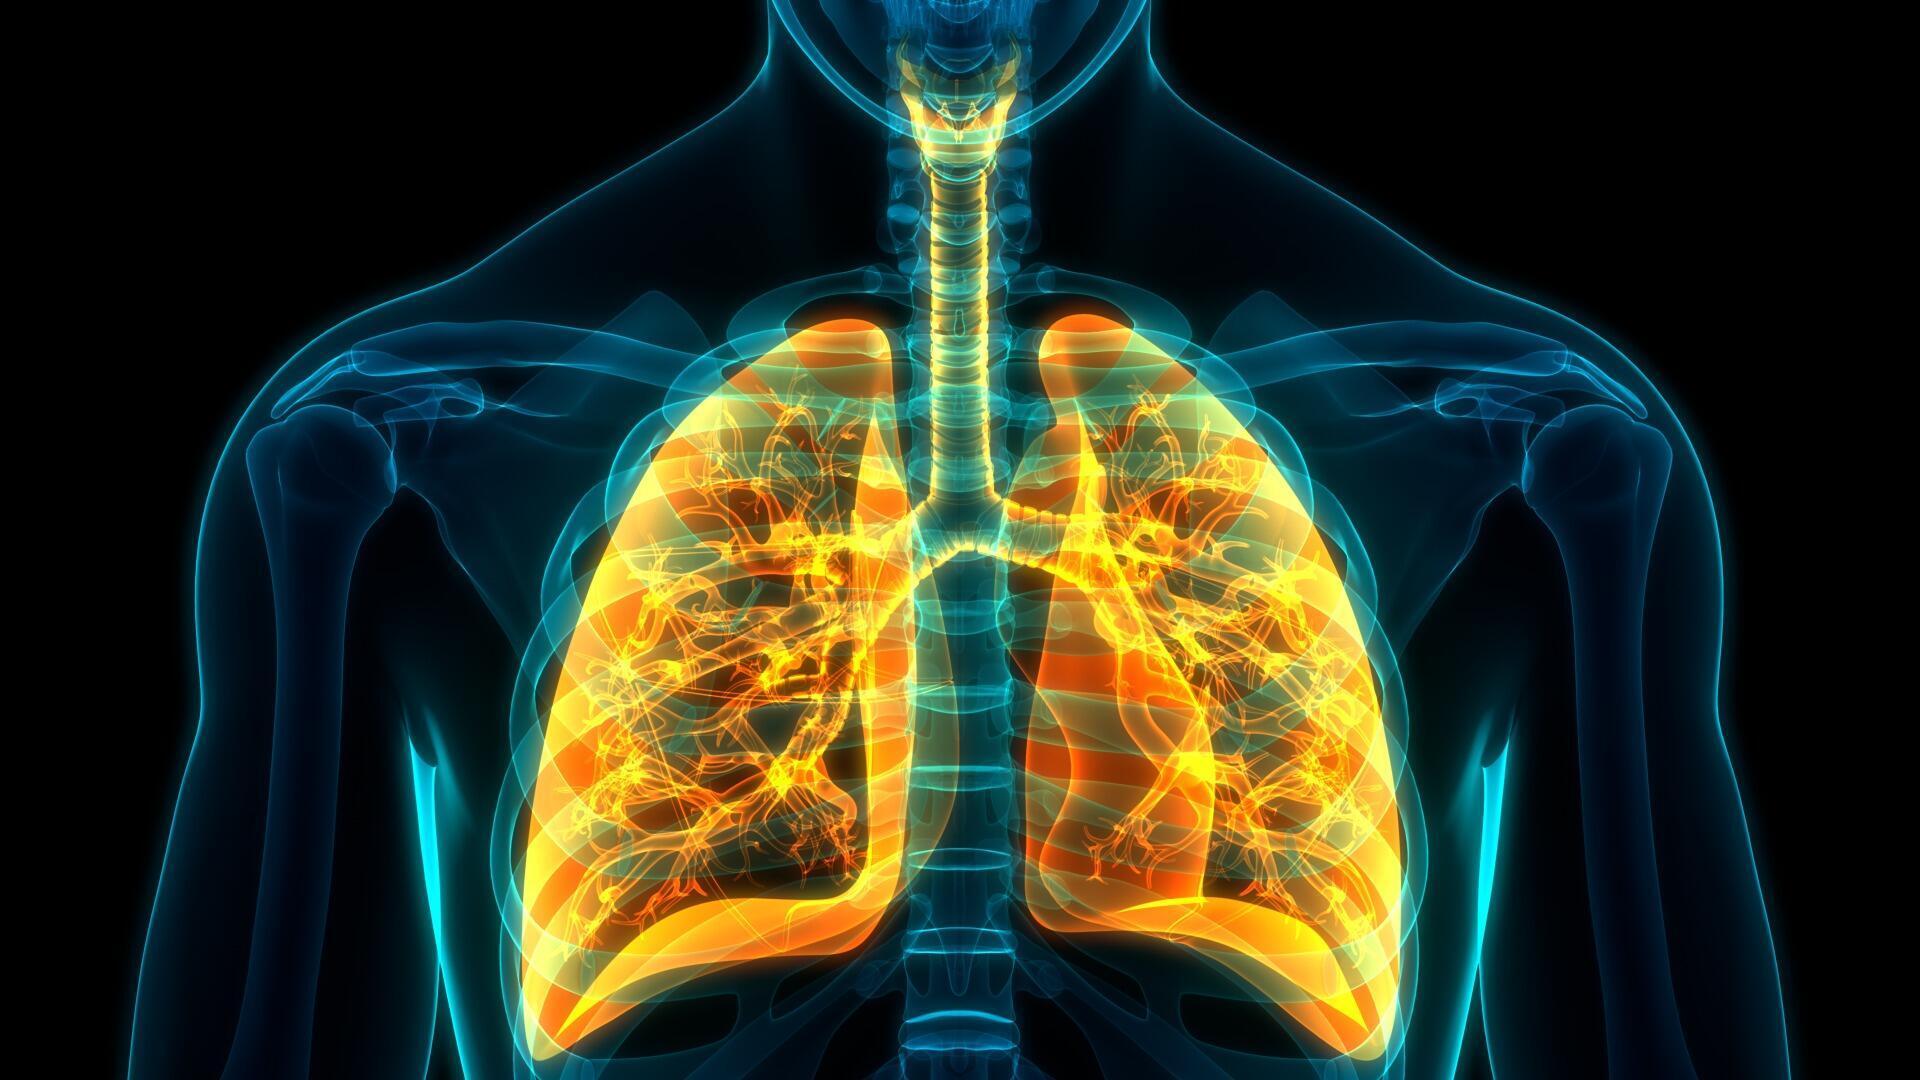 plèvre illustration poumons cage thoracique pneumothorax